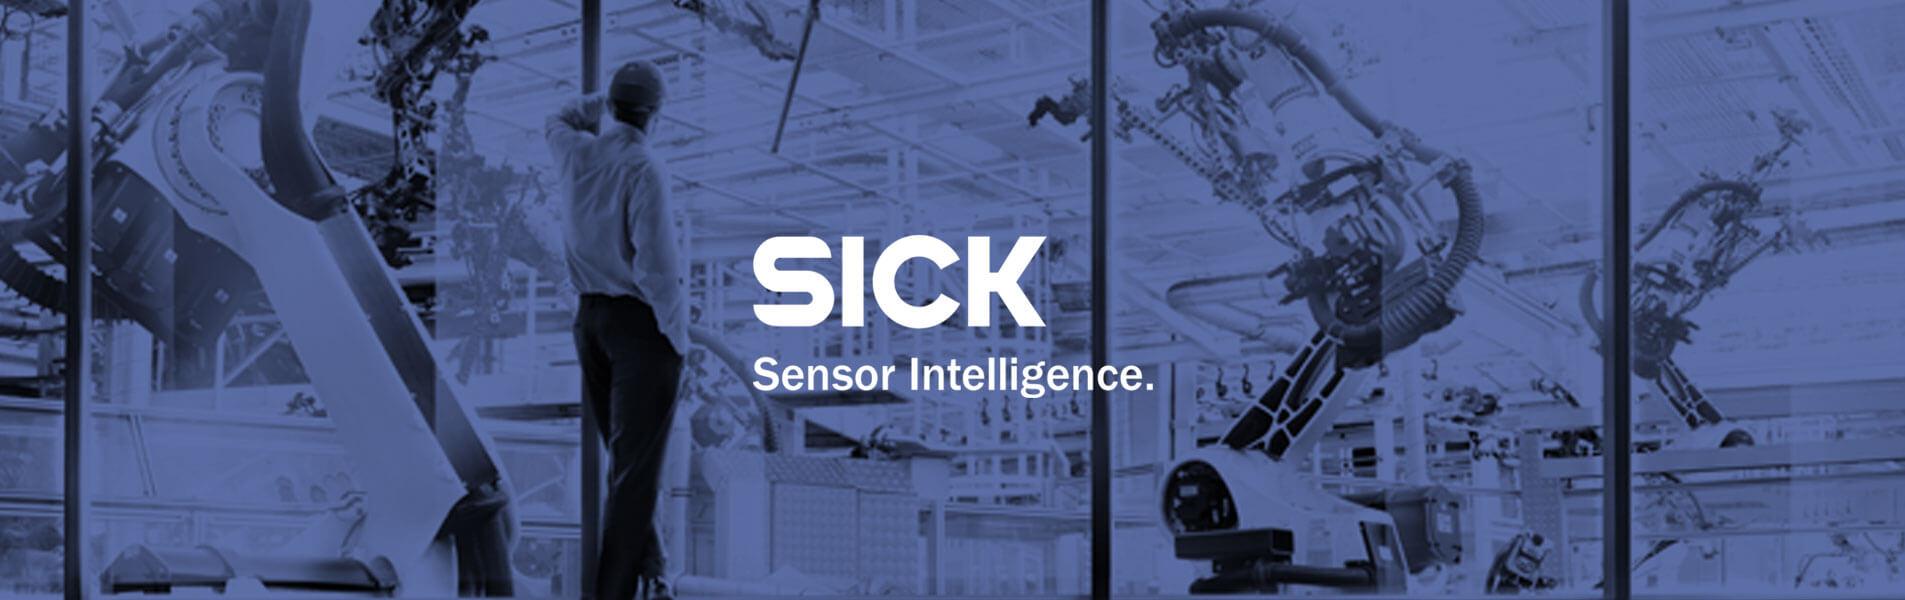 blog/SICK 2D lidar sensors